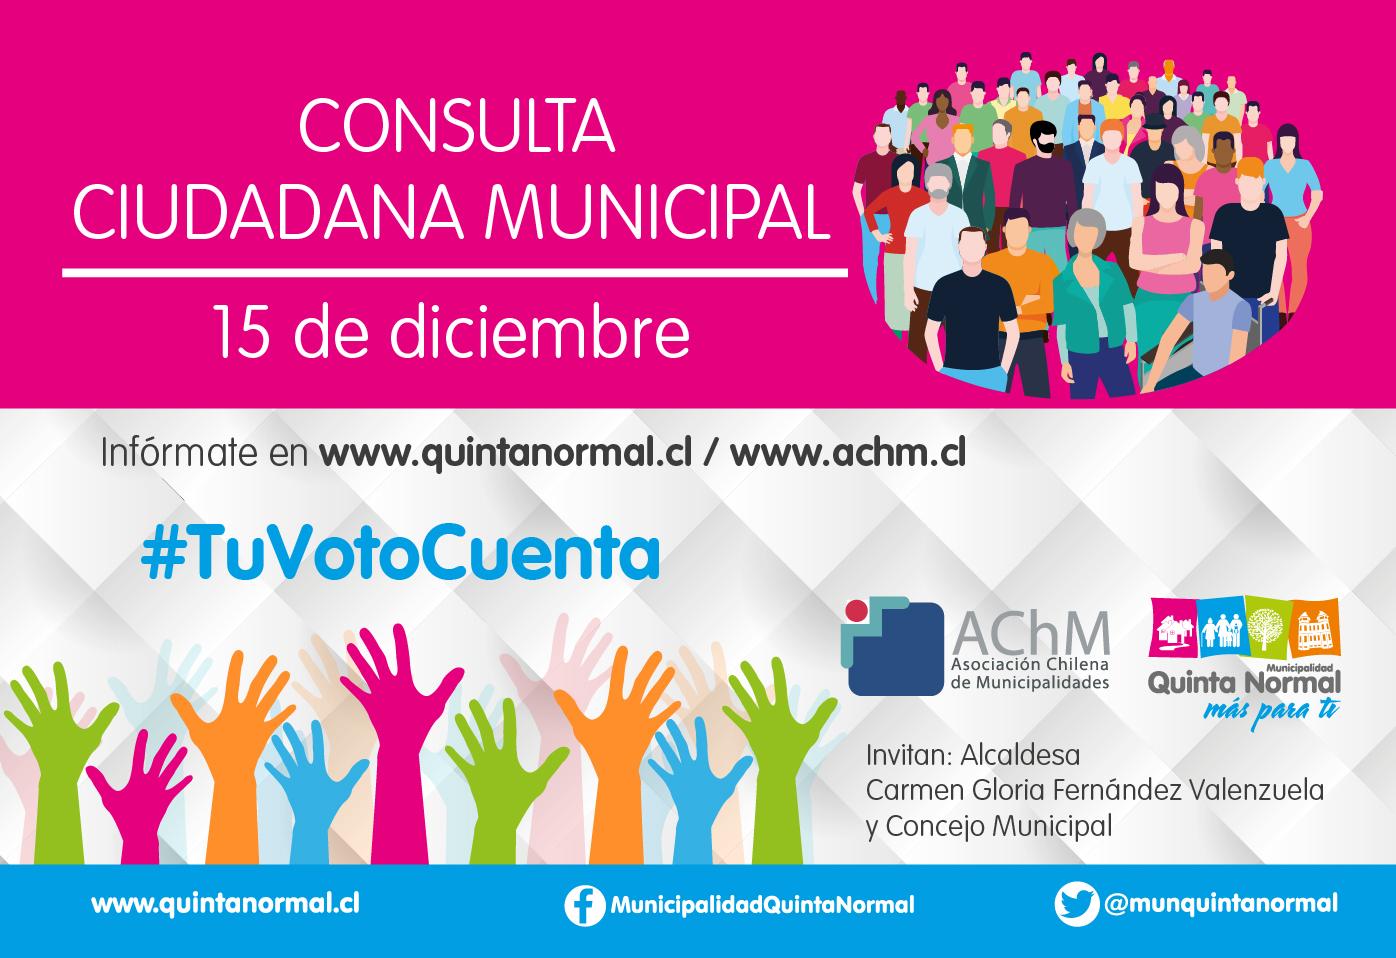 Quinta Normal se suma a la Consulta Ciudadana